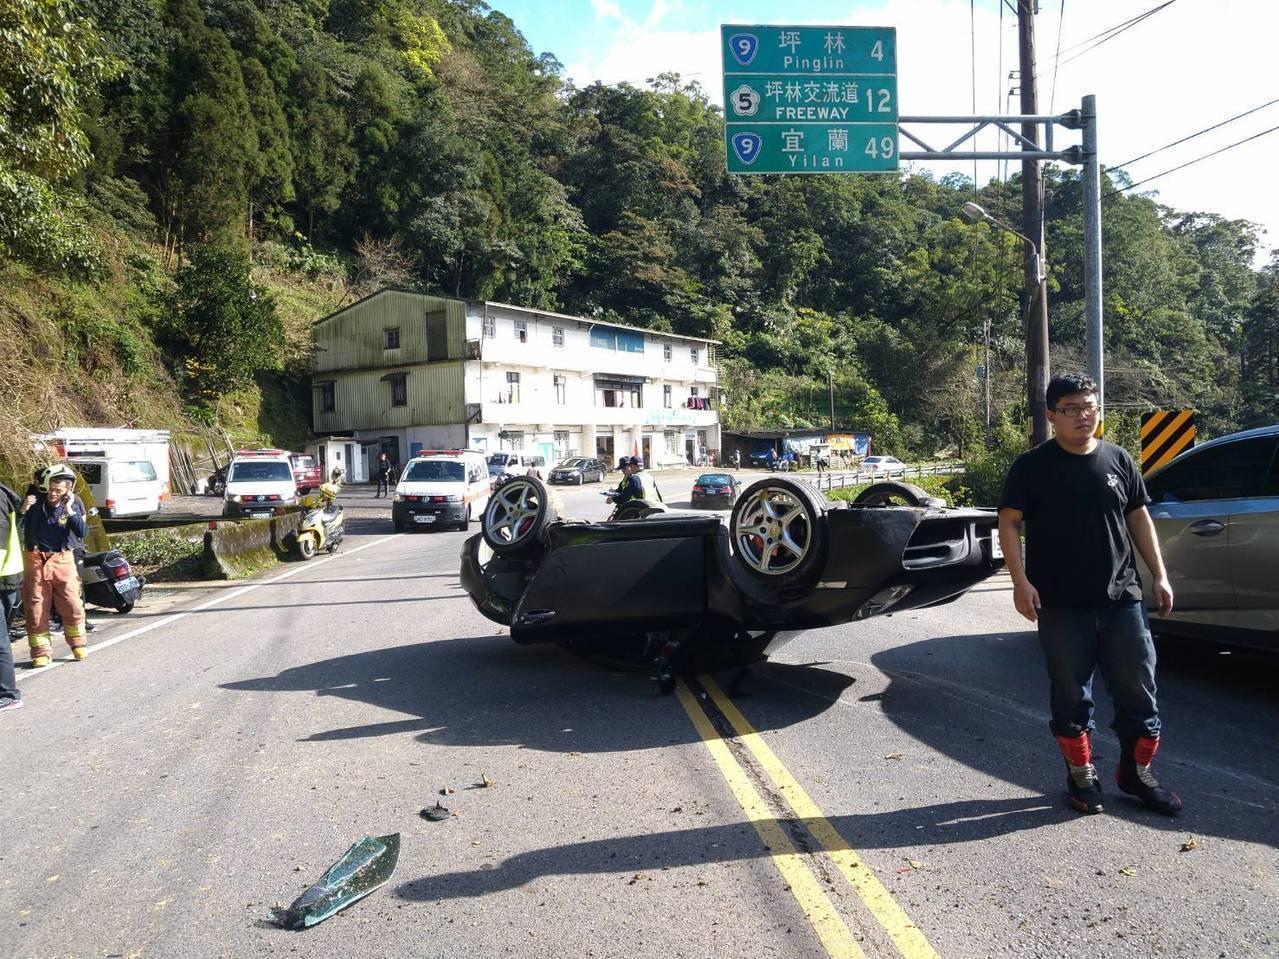 一辆保时捷黑色跑车今年1月在新北市石碇区北宜公路疑似过弯时车速过快,导致发生翻车...